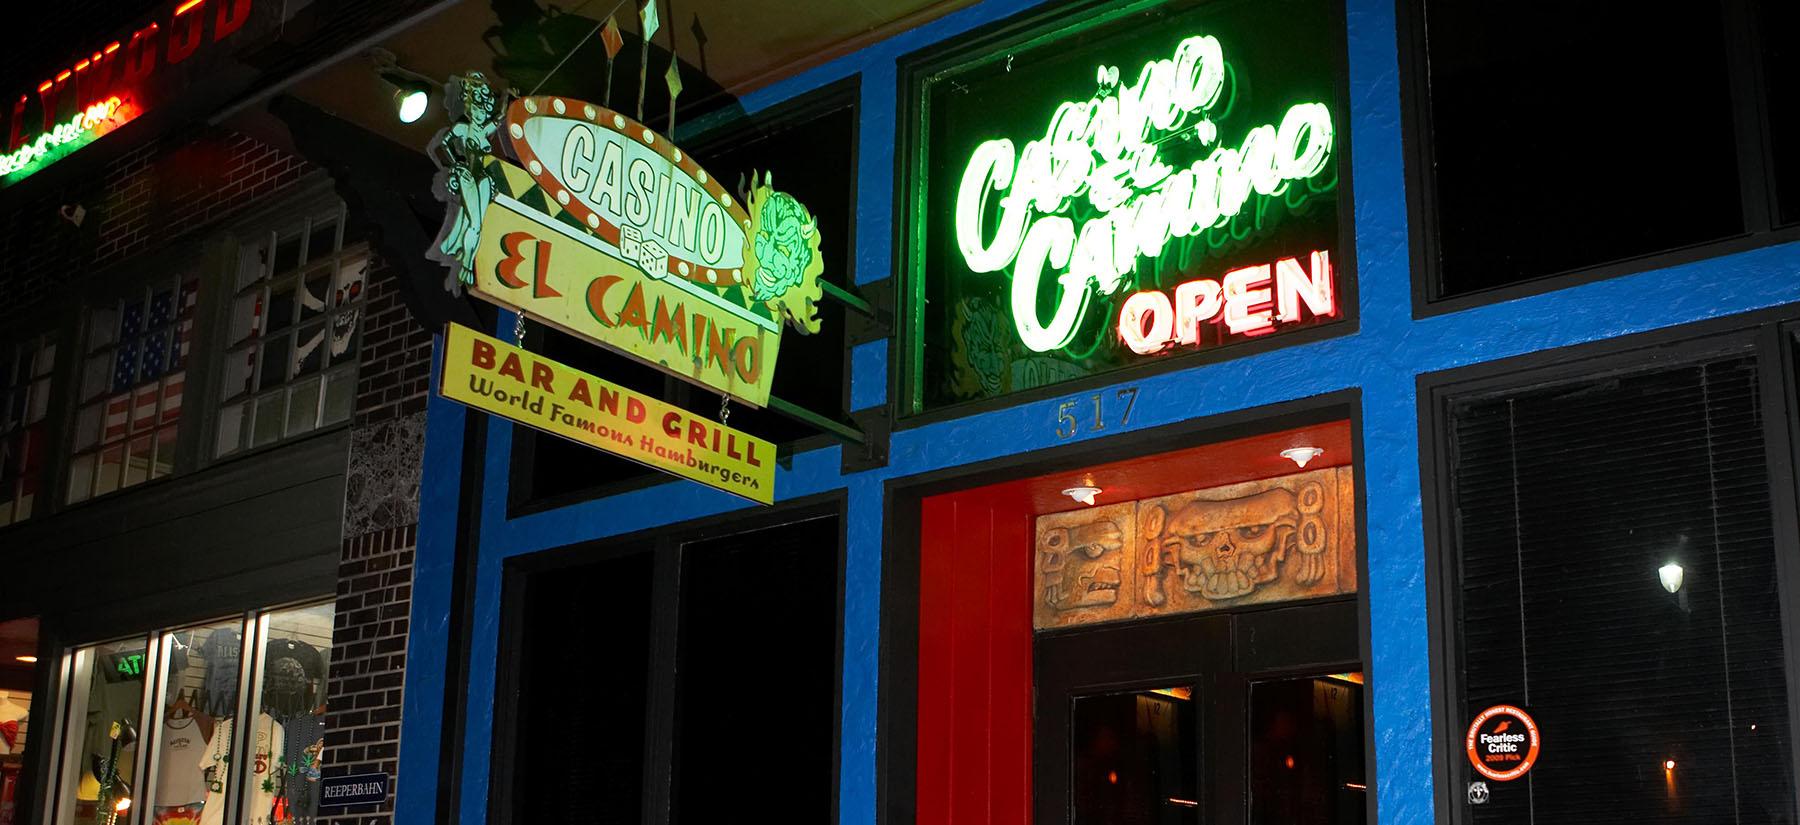 Casino El Camino on Sixth